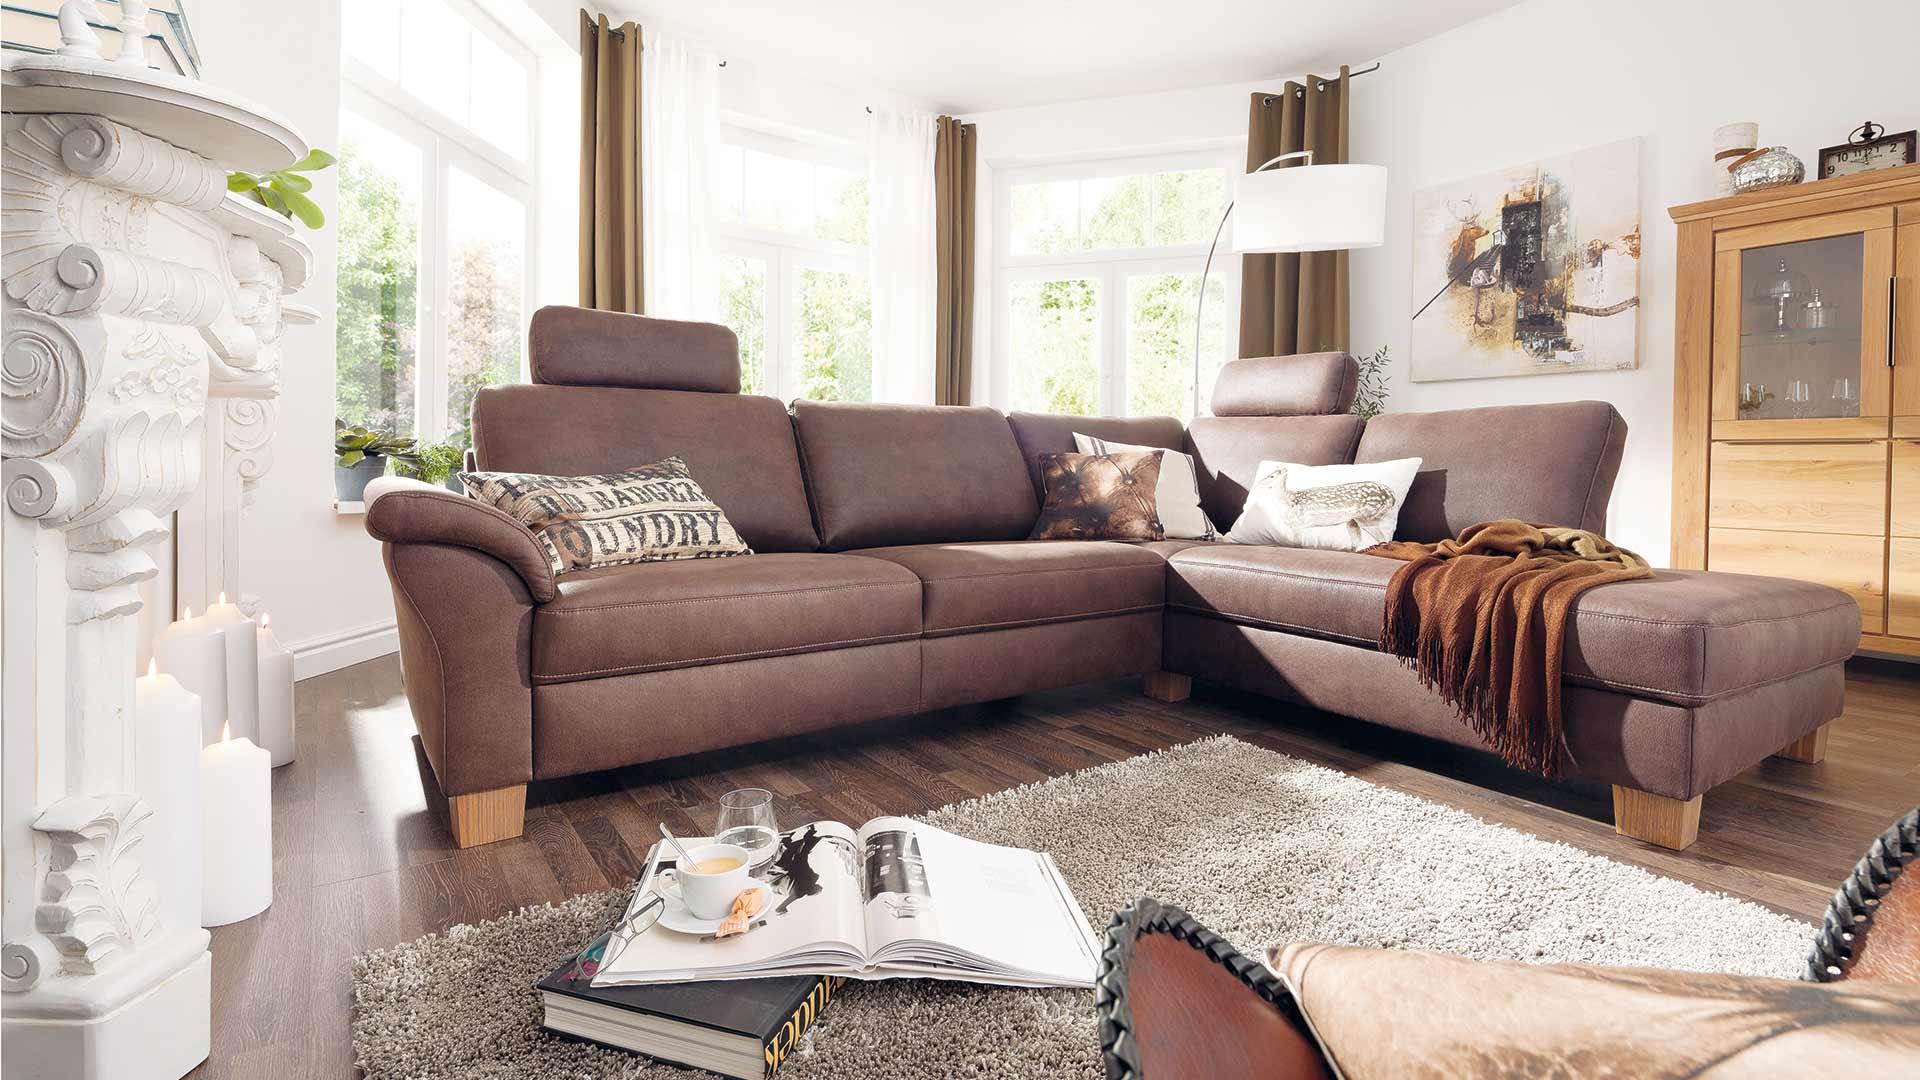 natura 7450 von natura einrichten in halver nahe l denscheid nat rlich wohnen. Black Bedroom Furniture Sets. Home Design Ideas